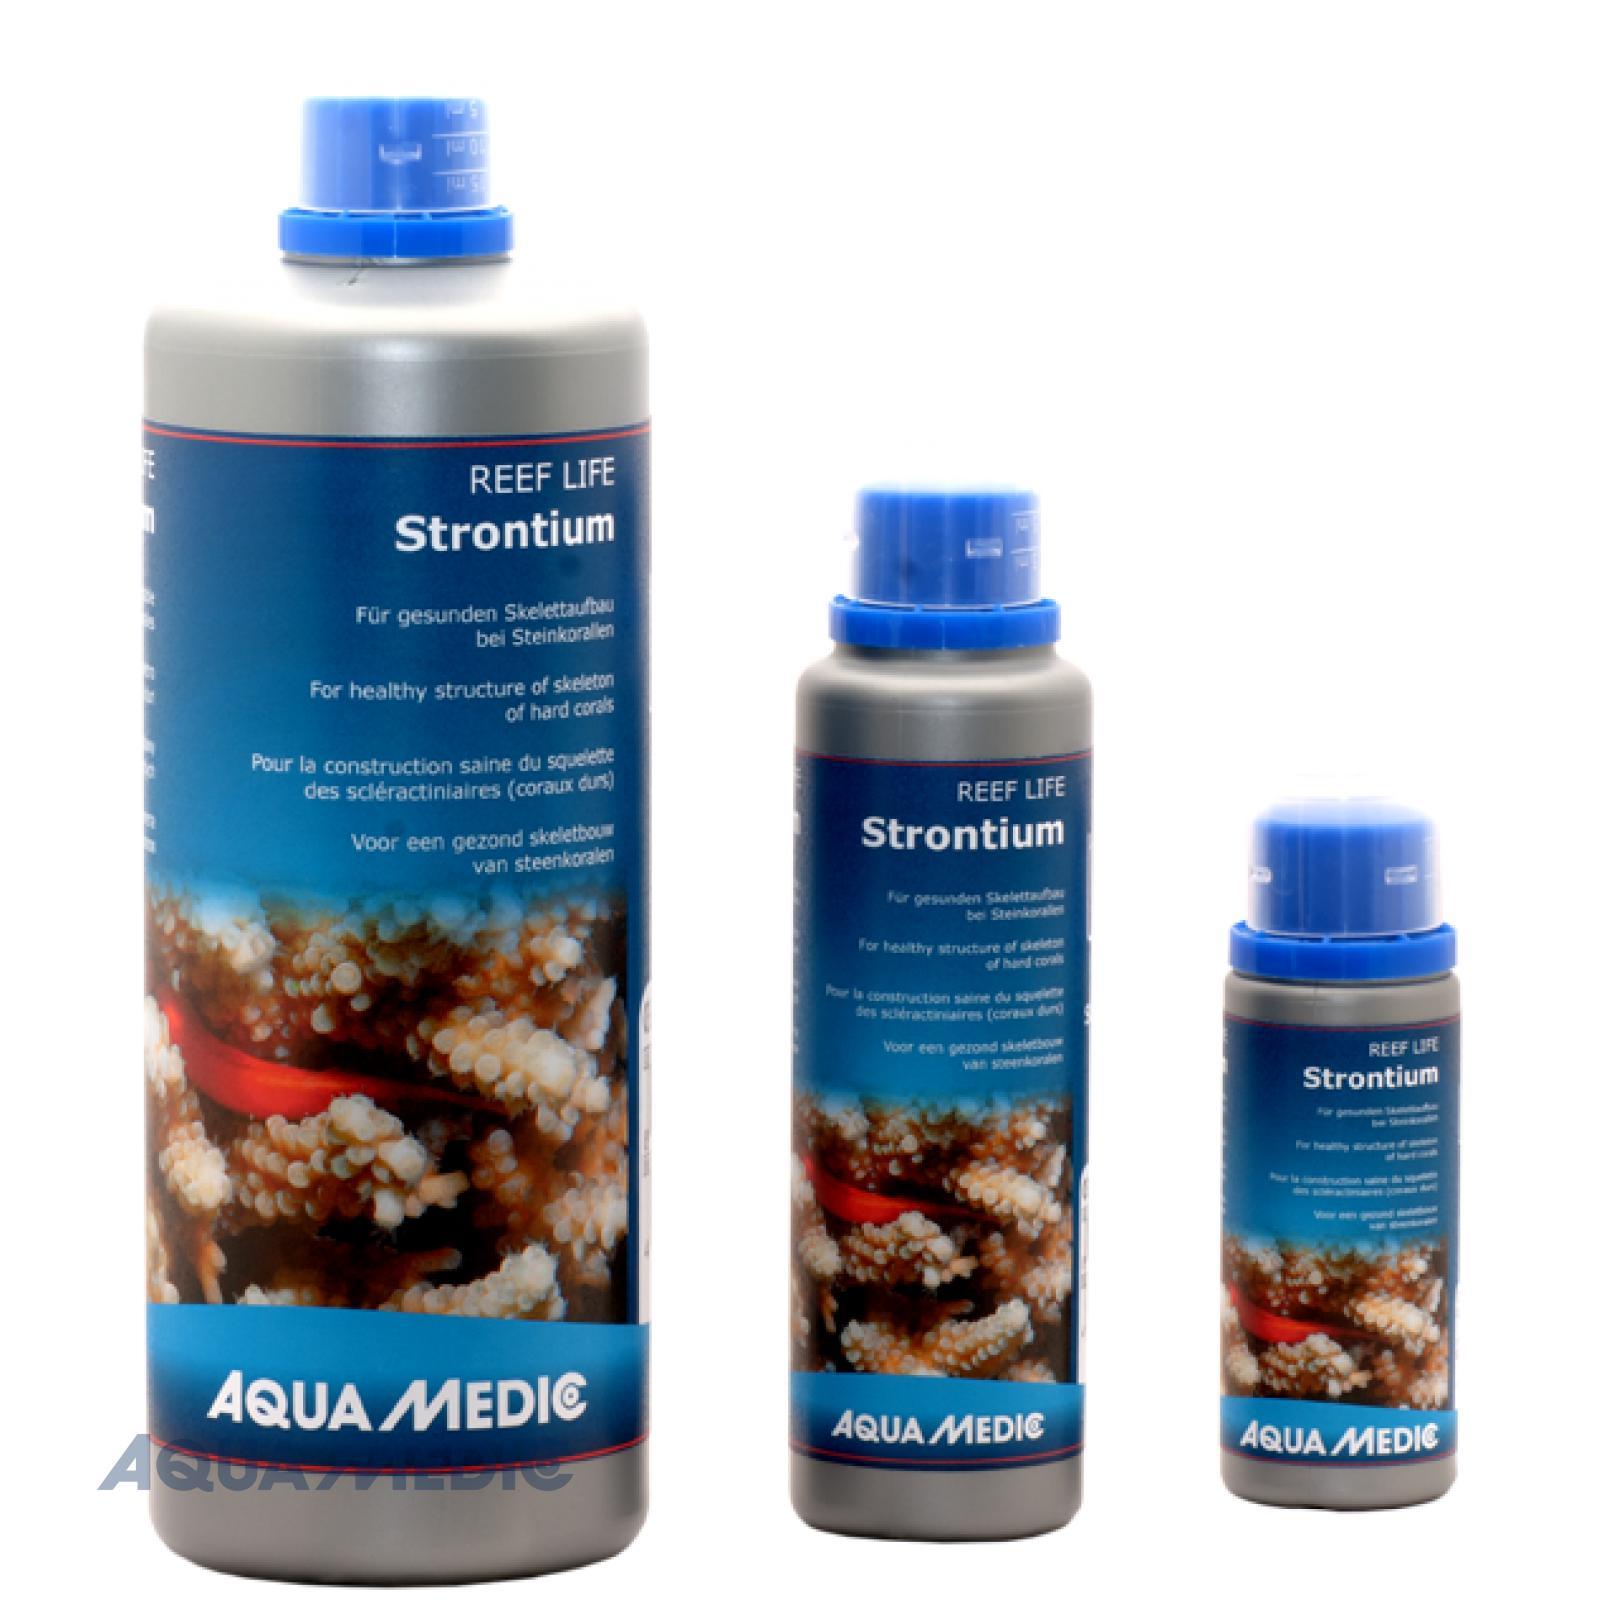 Aquamedic Reef Trace Strontium 100ml